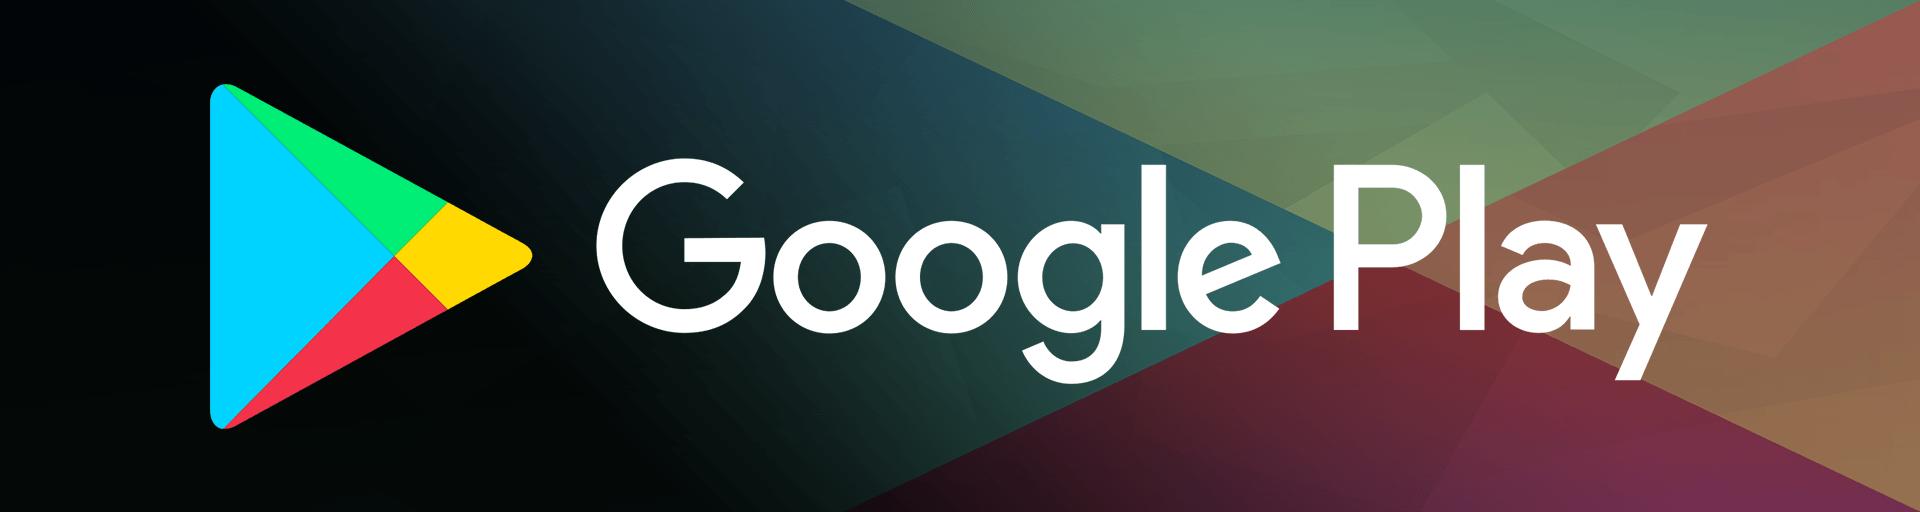 Google Play Guthaben Aufladen Gutscheincode Google Play Card